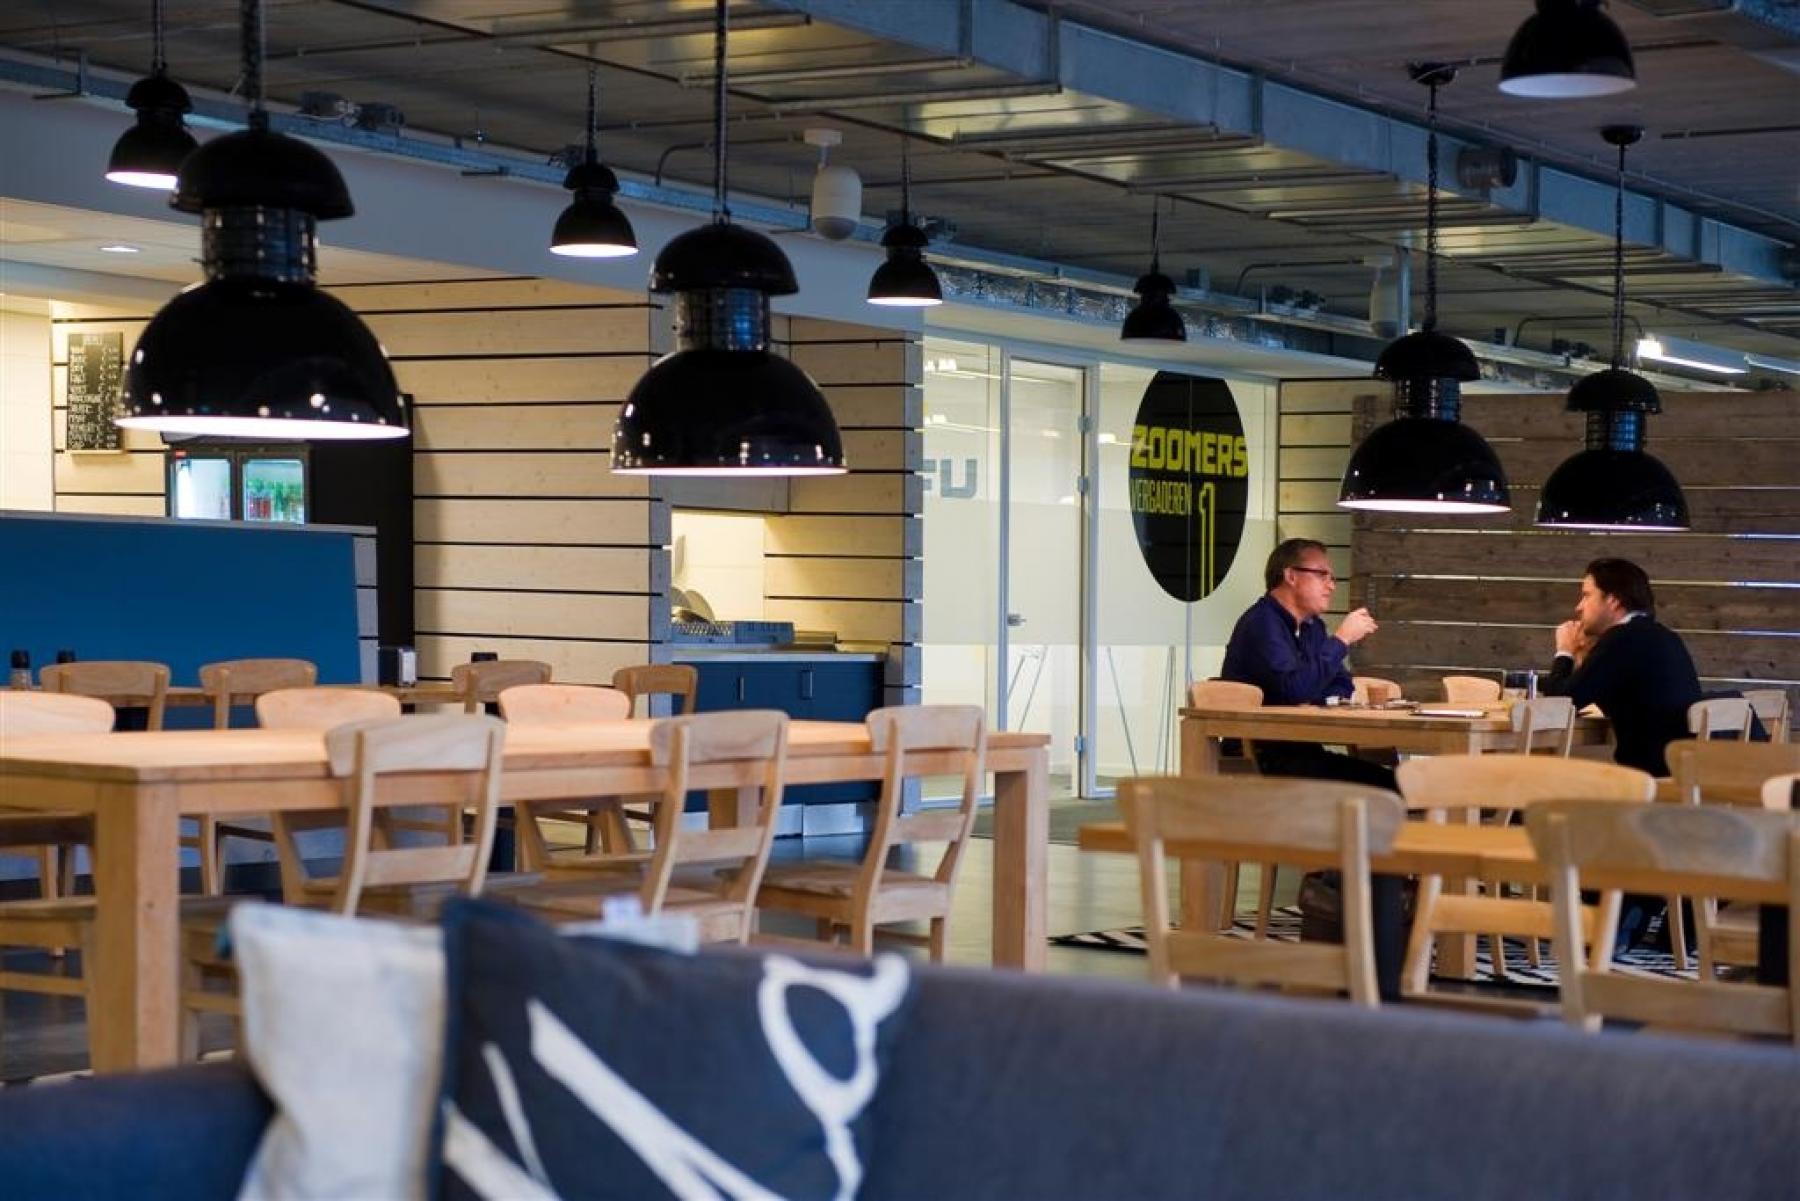 informele vergadering lunch borrels bedrijfsrestaurant brasserie lampen tafels stoelen kantoor nieuwegein